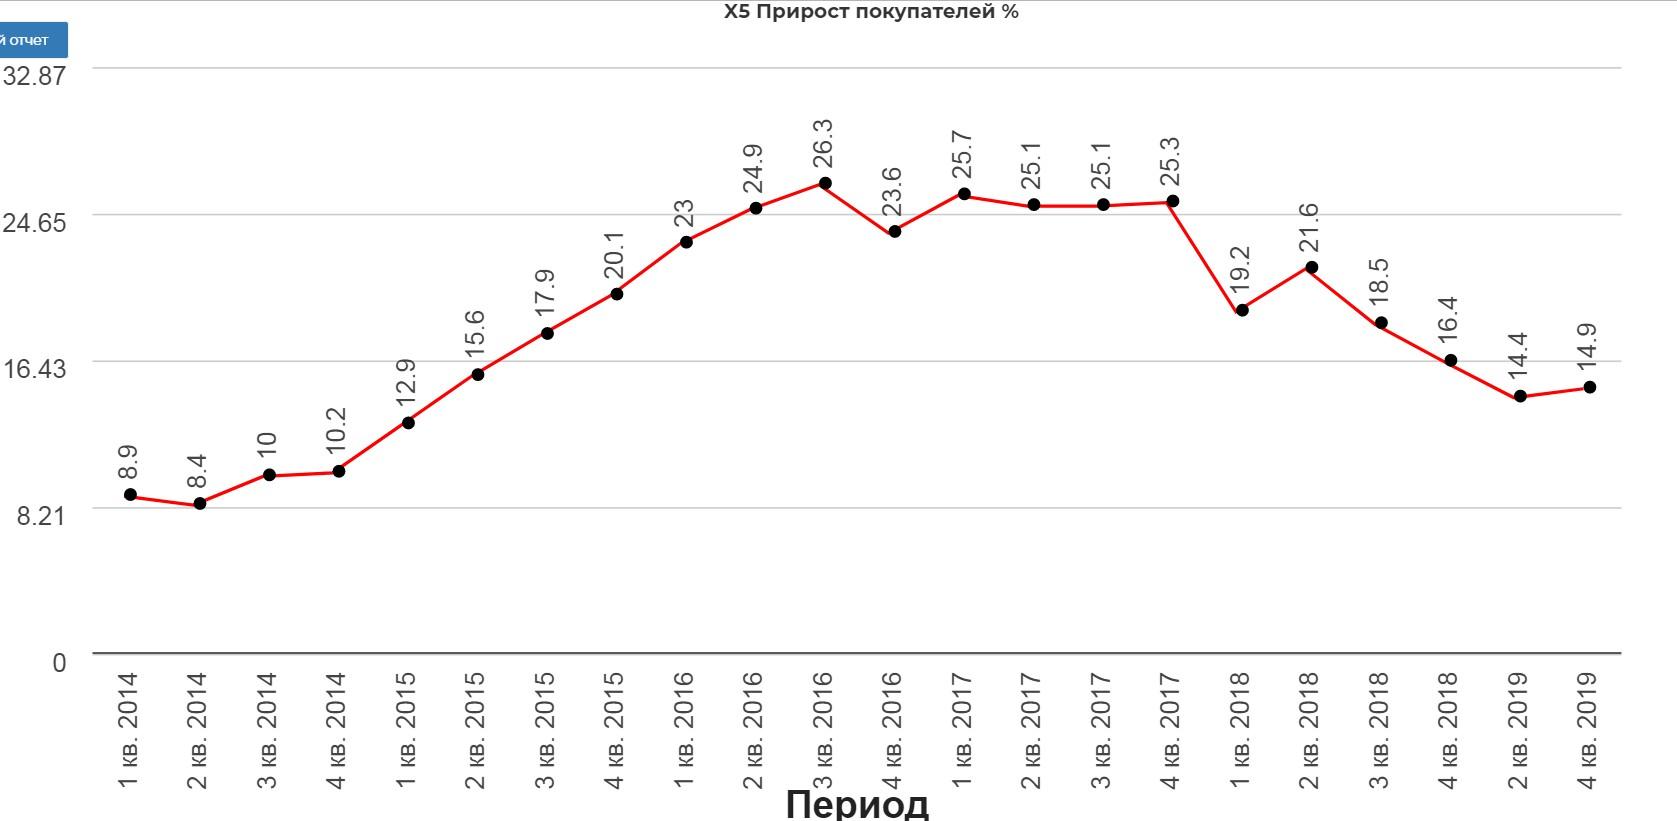 X5 операционный отчет. Как нужно управлять и как не нужно в сравнении с Магнитом